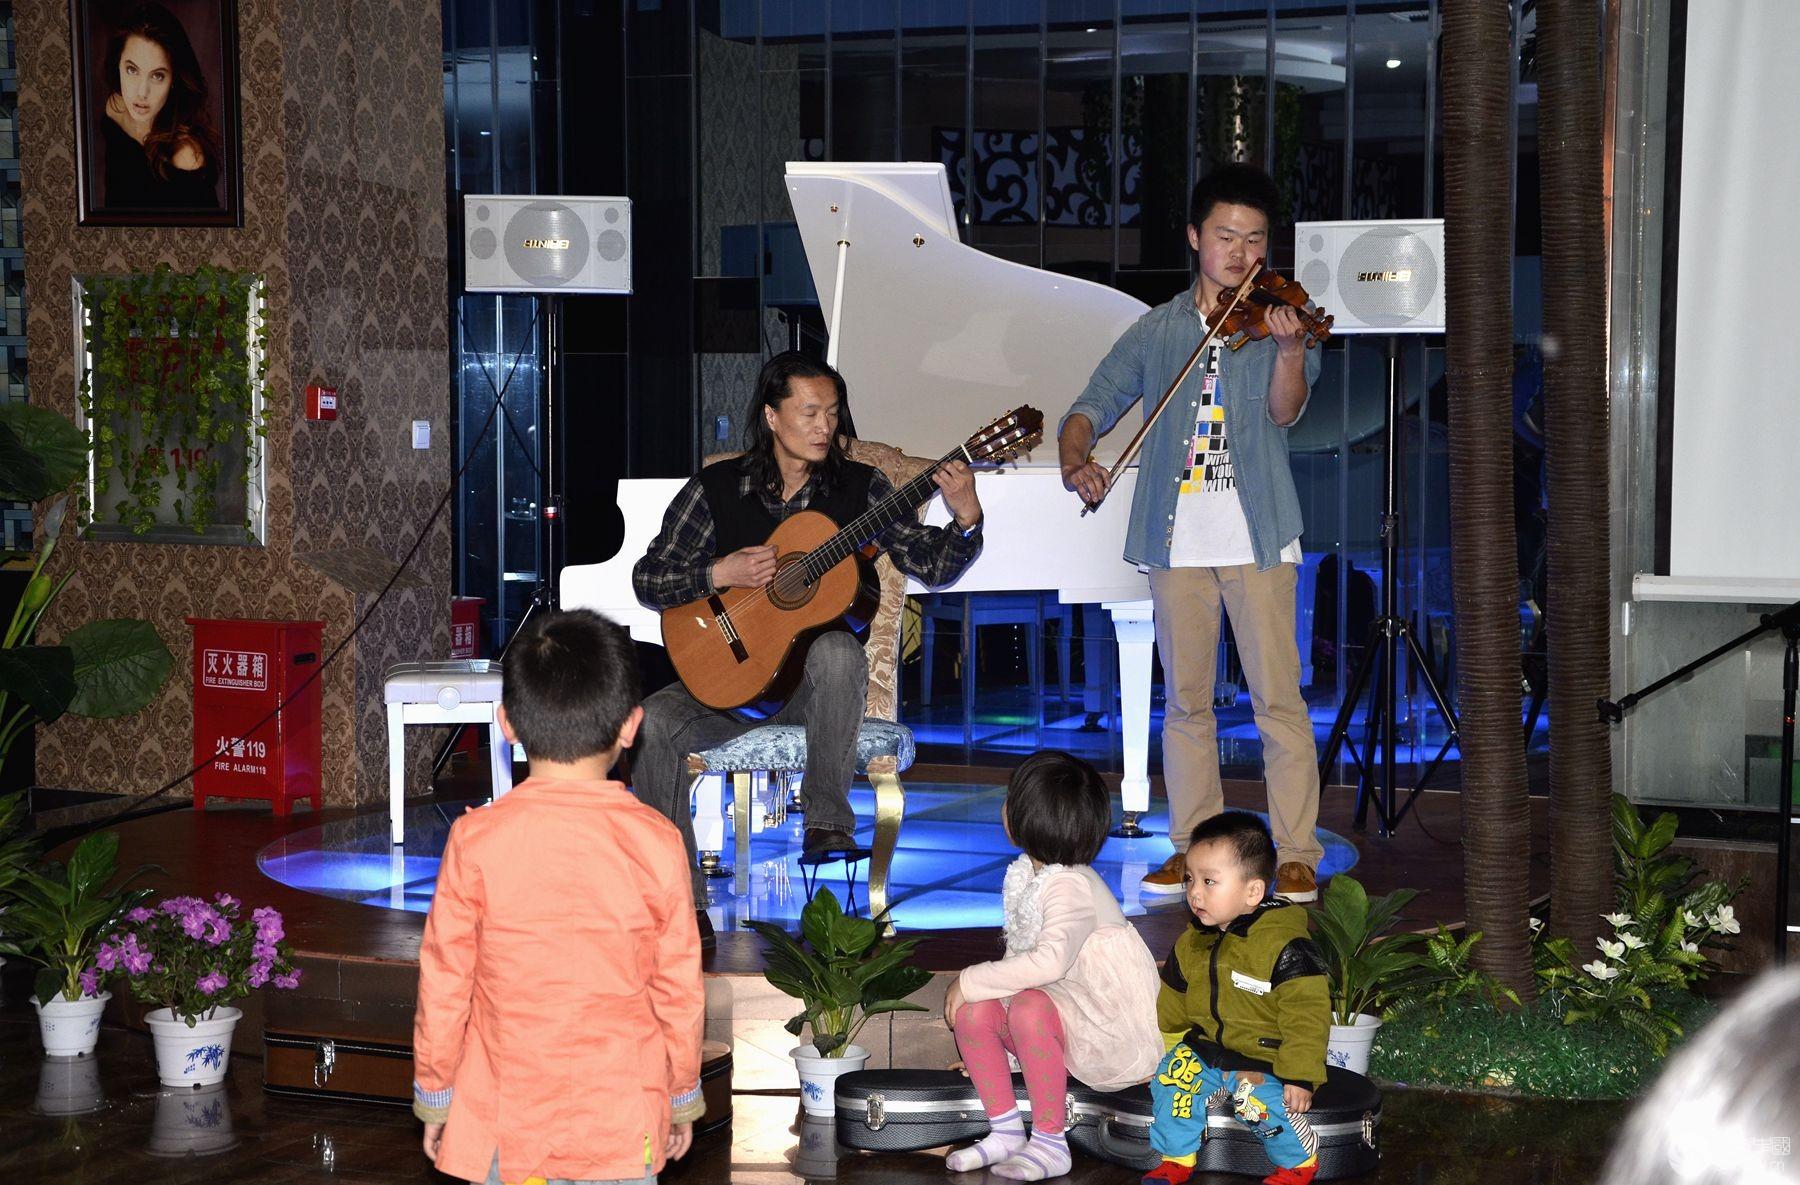 2014年5月3日晚上8:30,由著名吉他演奏手和他的学生们举办的音乐会在格林大酒店西餐厅进行,风雨南阳部的20余名影友到场拍摄。吉他是古典乐器之一,又称六弦琴,琴音既优美又高雅,一把吉他通过和声演奏可以和一个小乐队媲美。琴手们先后演奏(演唱)了10多首著名的古典乐曲和歌曲,著名青年歌手、该西餐厅总经理兰女士等音乐人也即兴演唱,博得在场观众的阵阵掌声,大家在轻松典雅的音乐声中度过了一个愉快的晚上。